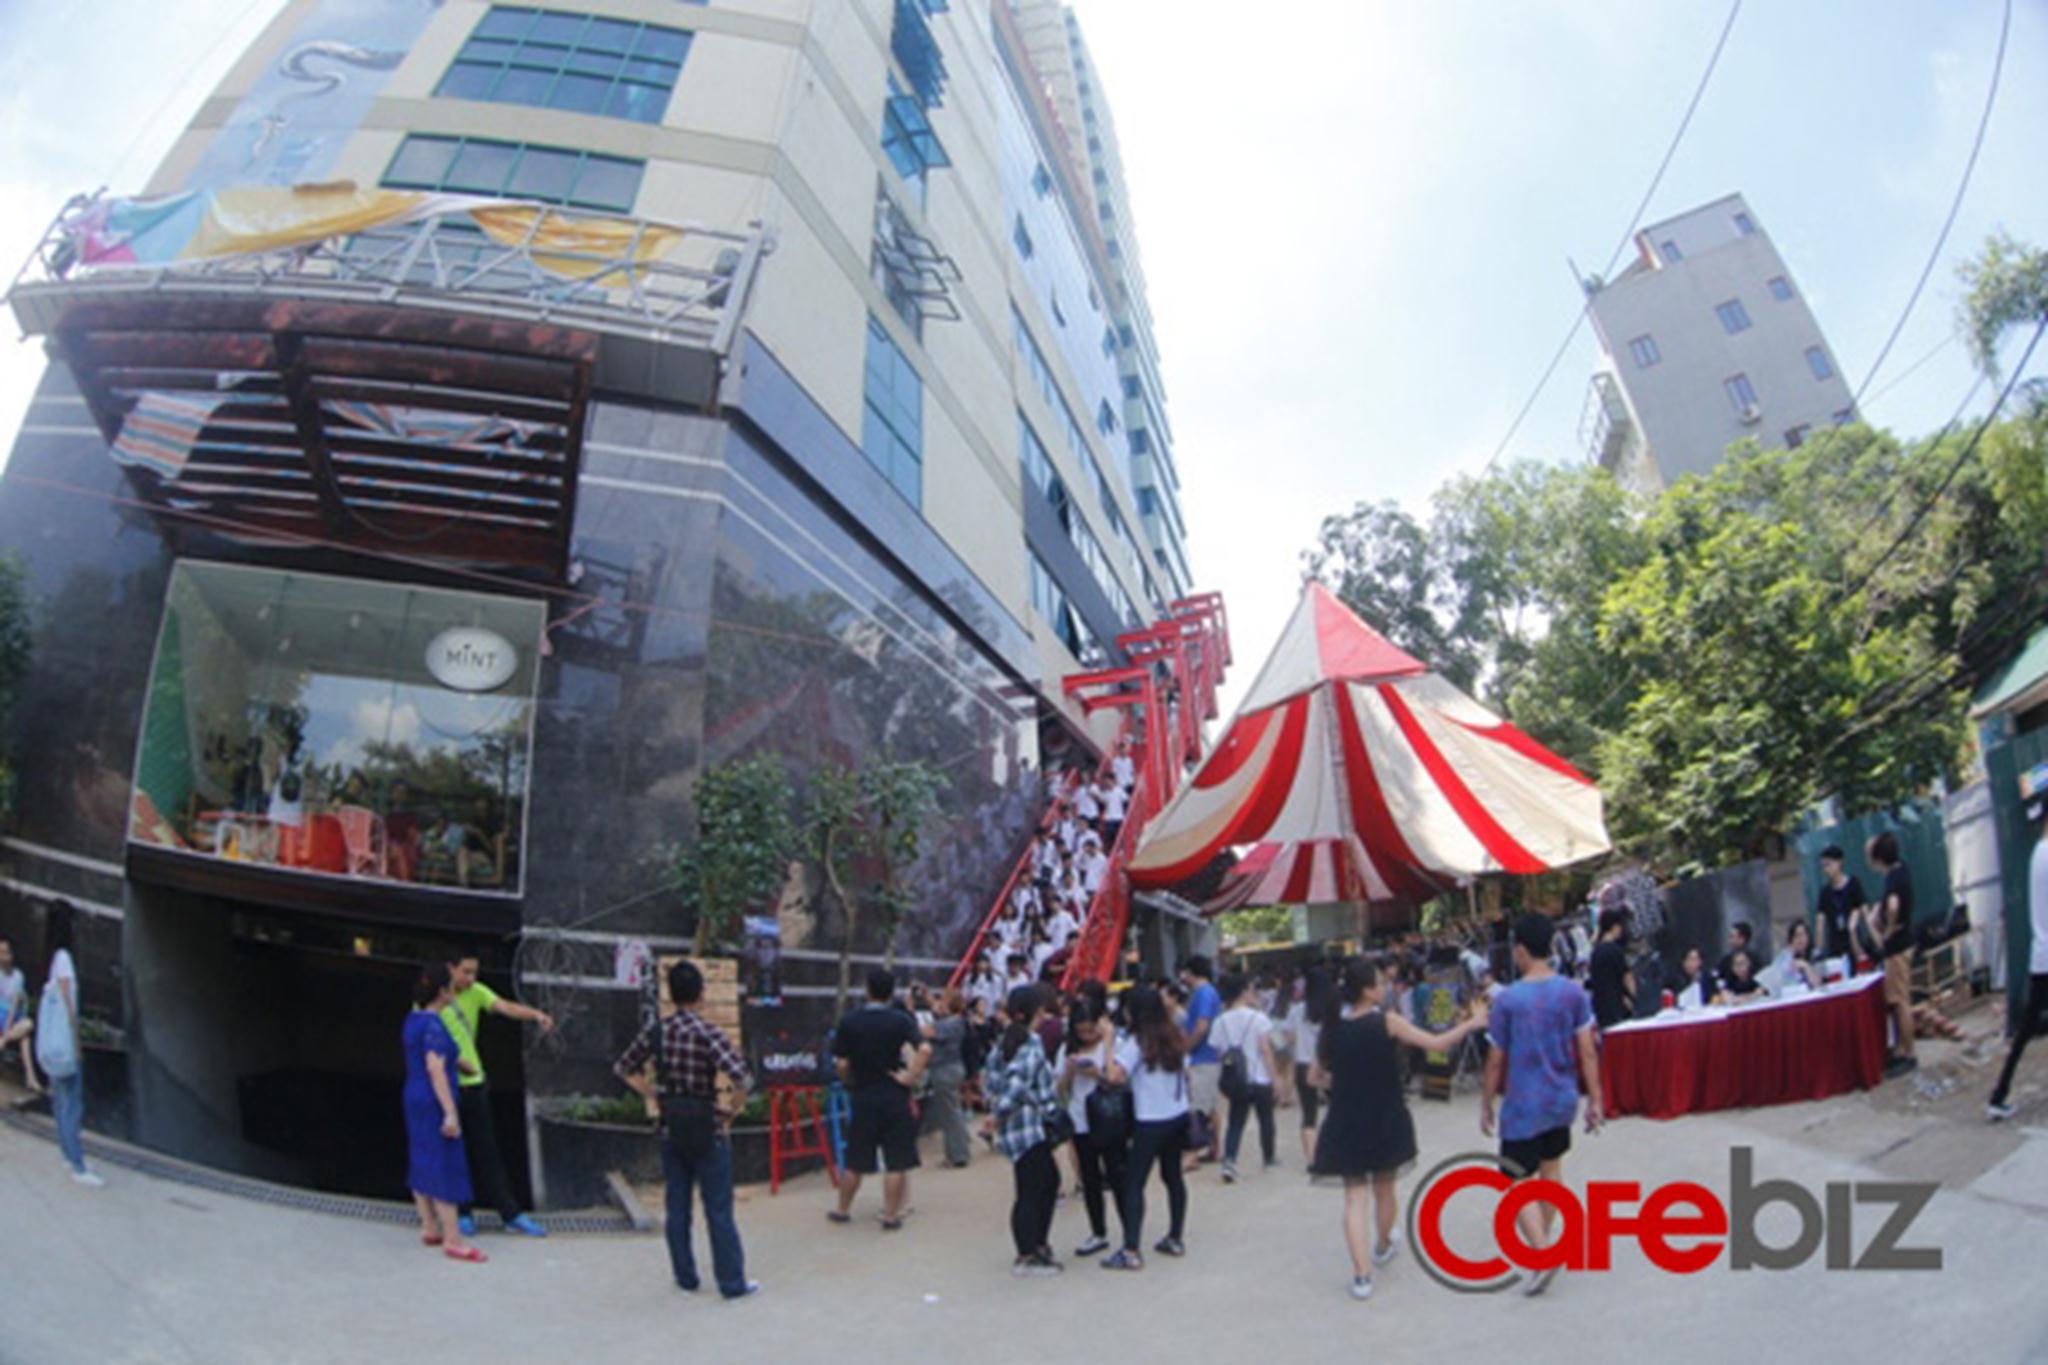 Creative City của ngày nay. Ảnh (c) Cafef